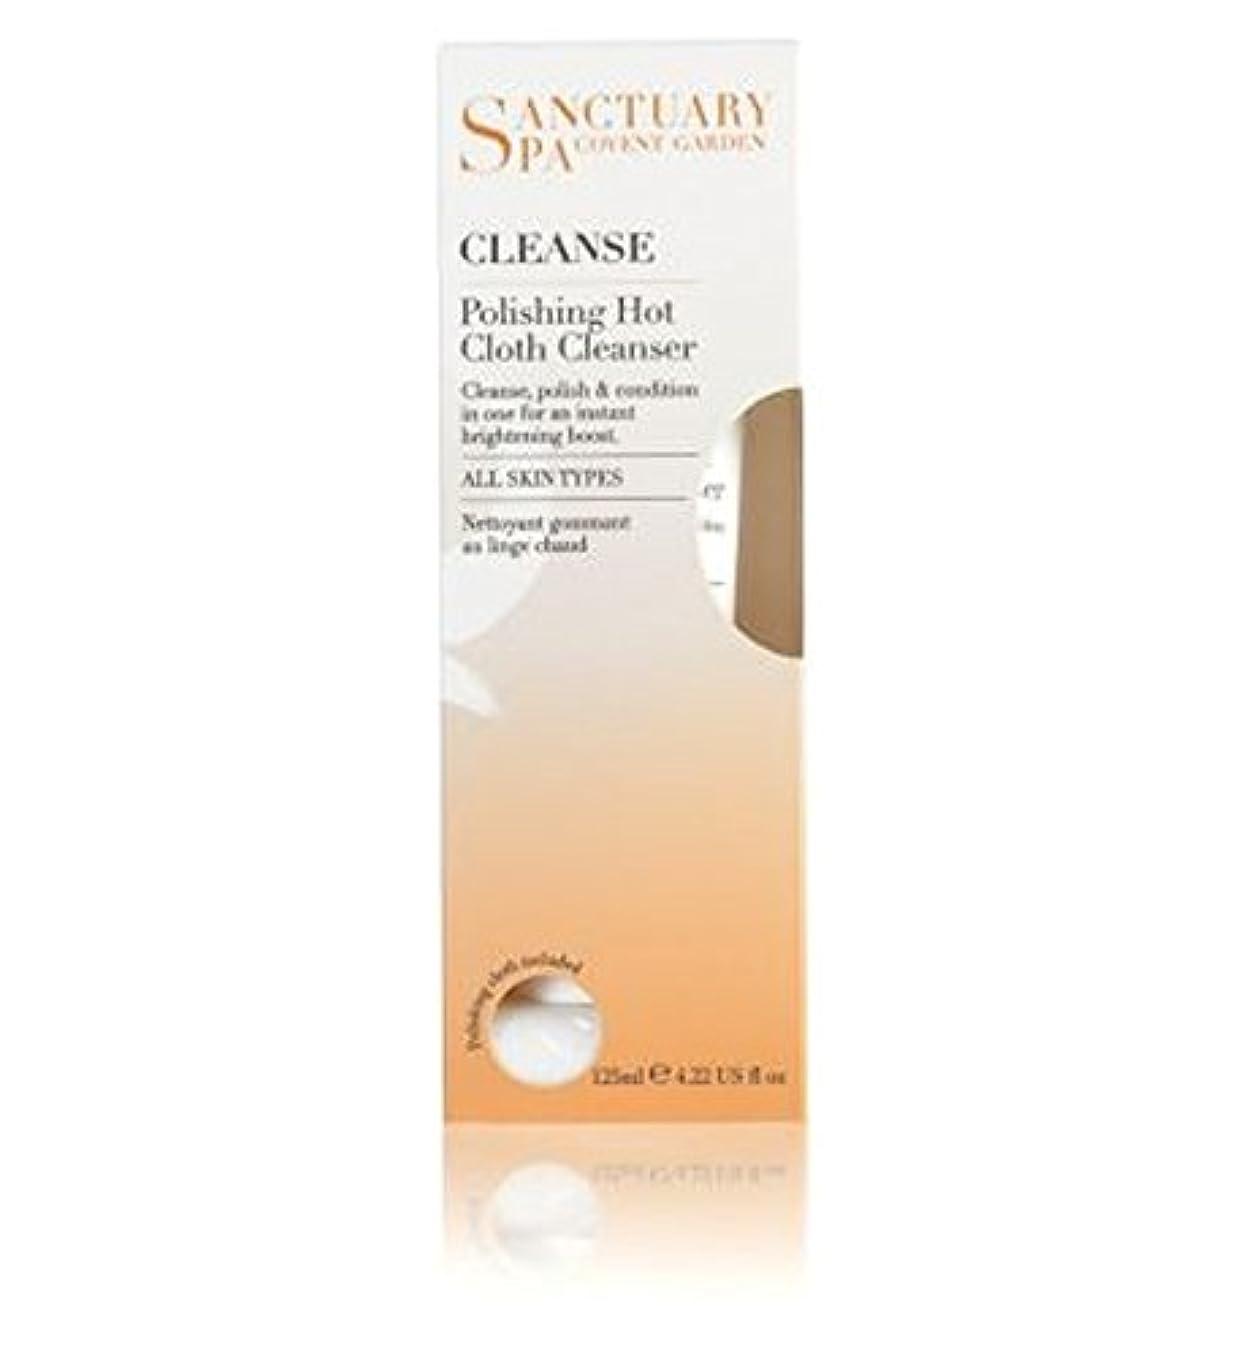 年金受給者鎮痛剤迷彩Sanctuary Spa Polishing Hot Cloth Cleanser - 聖域スパ研磨ホット布クレンザー (Sanctuary) [並行輸入品]